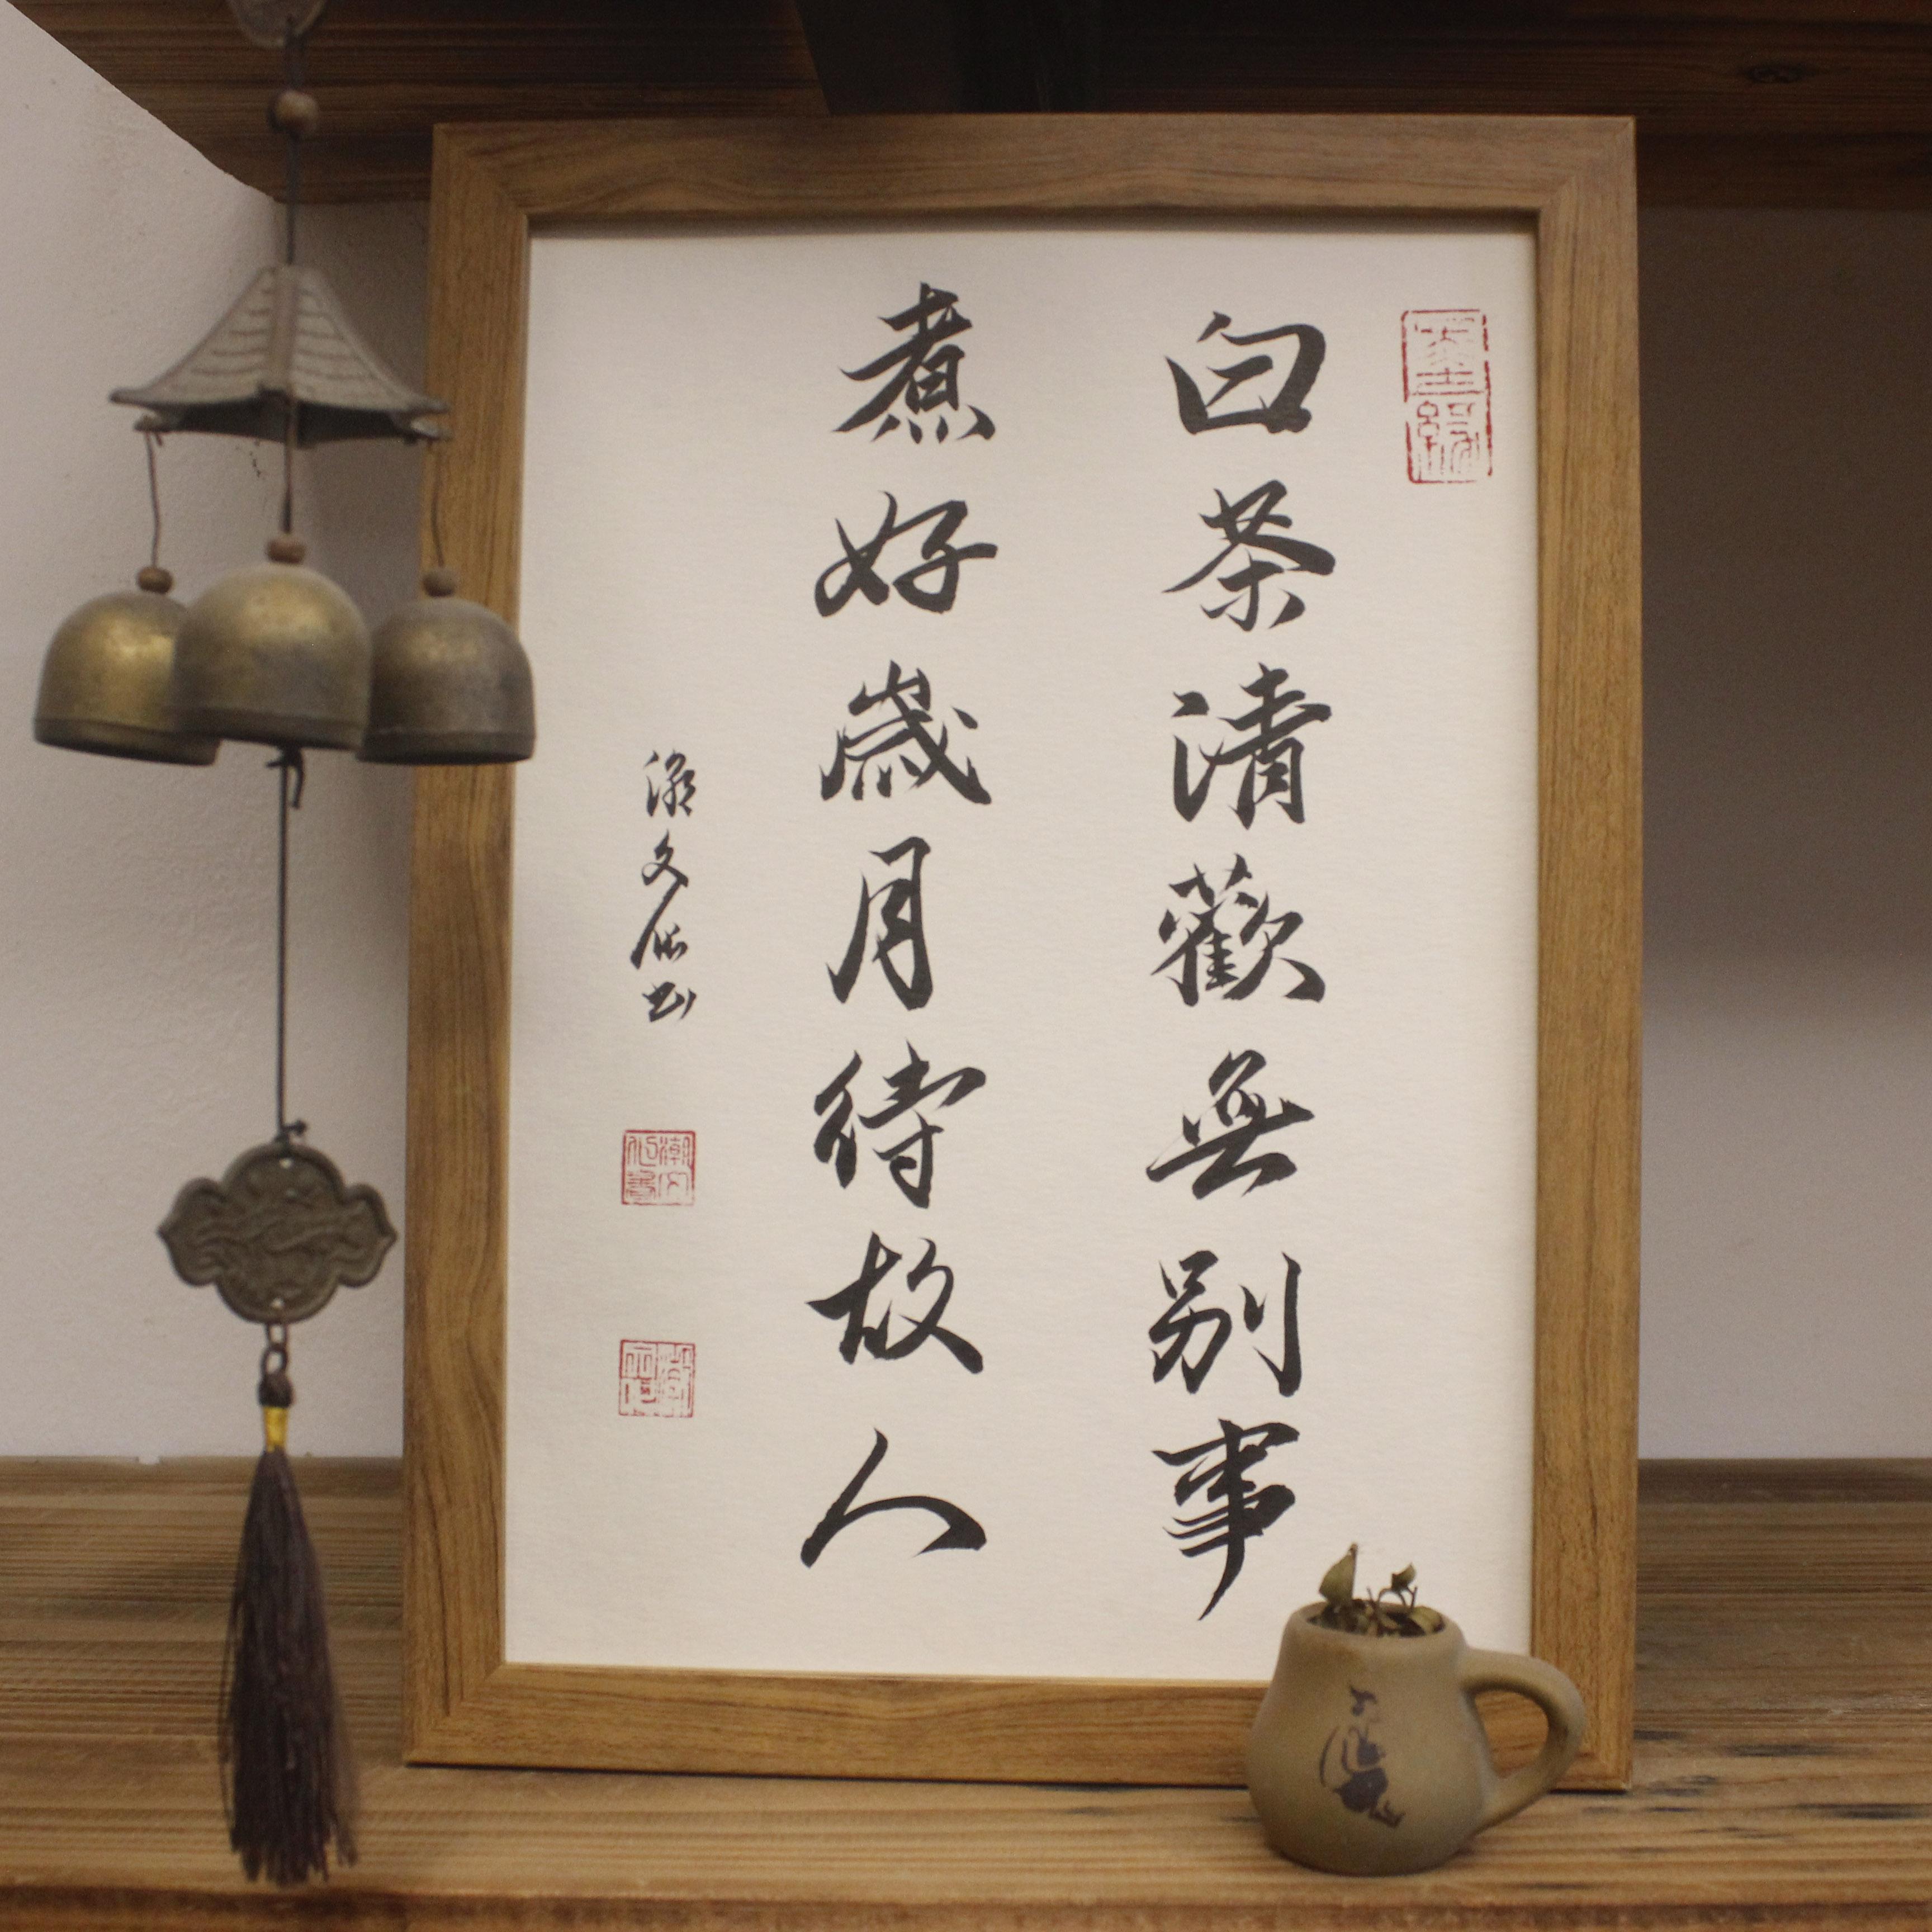 書法手寫真跡勵志座右銘擺臺個白茶清歡無別事煮好歲月待故人掛畫